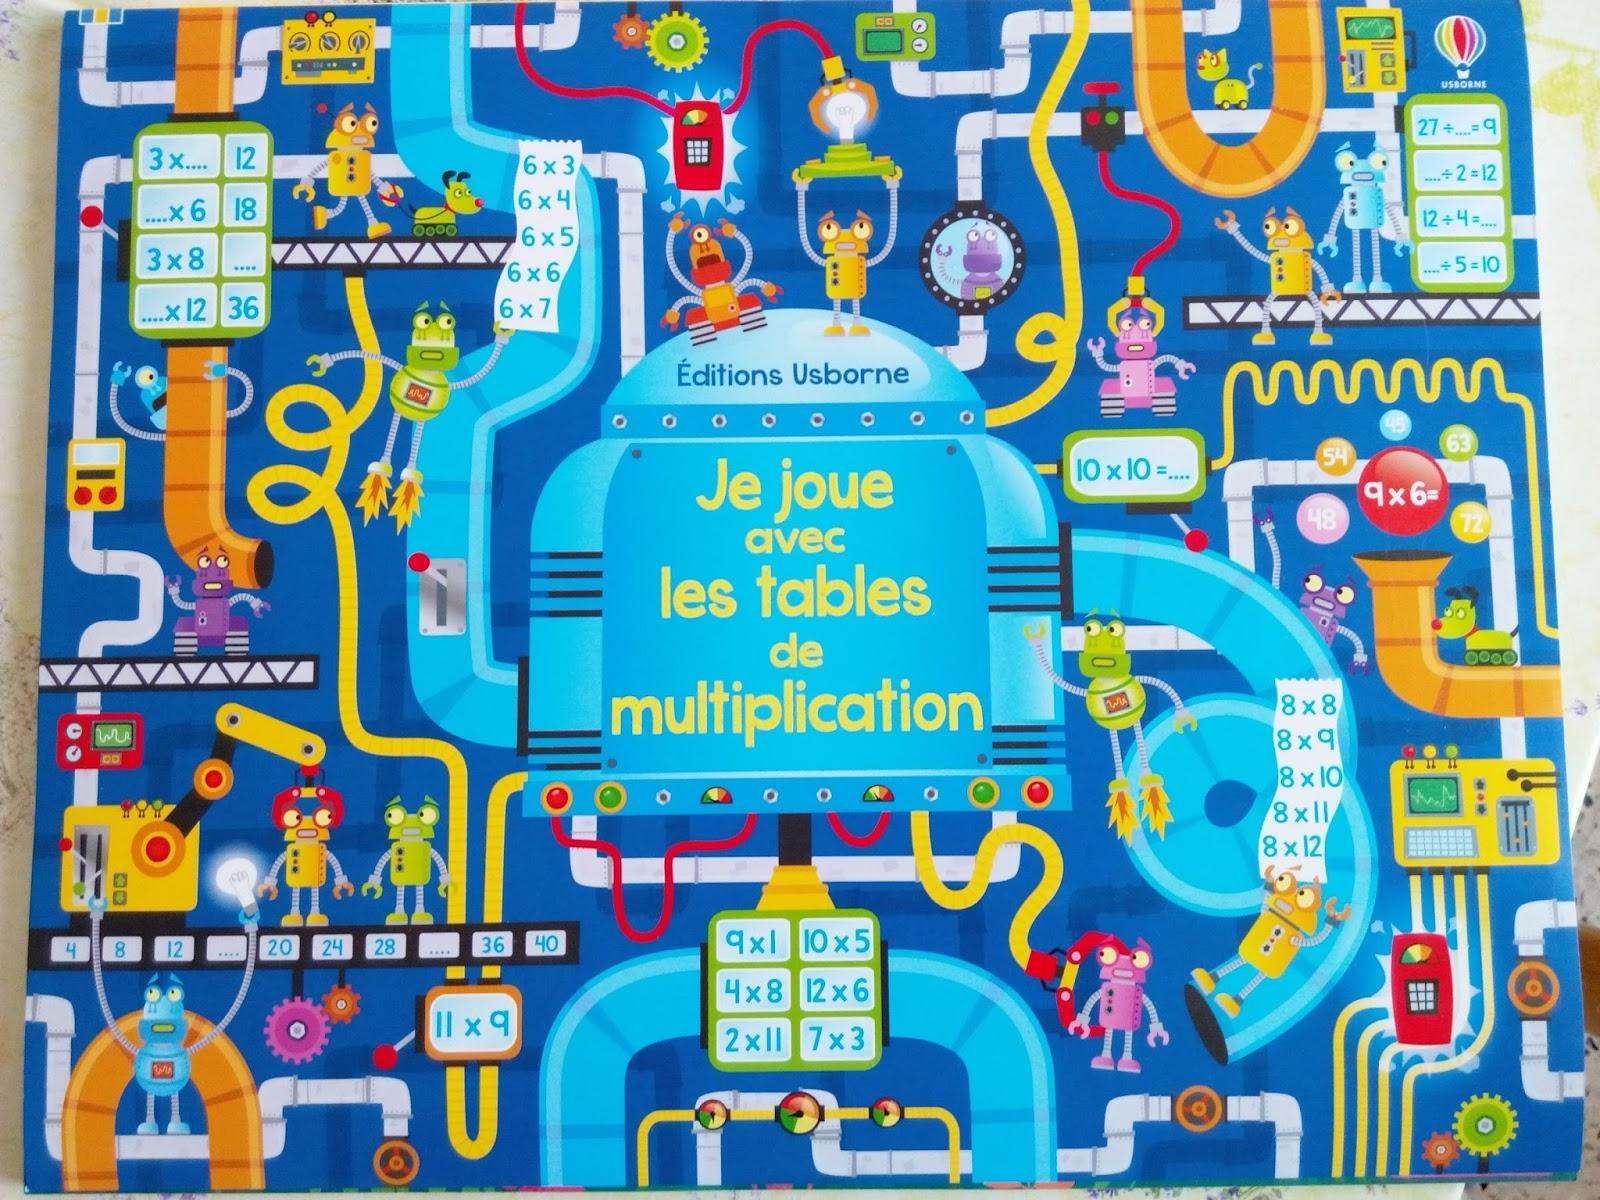 Ma tribu de jumeaux apprendre les multiplications tout for Apprendre table multiplication en jouant